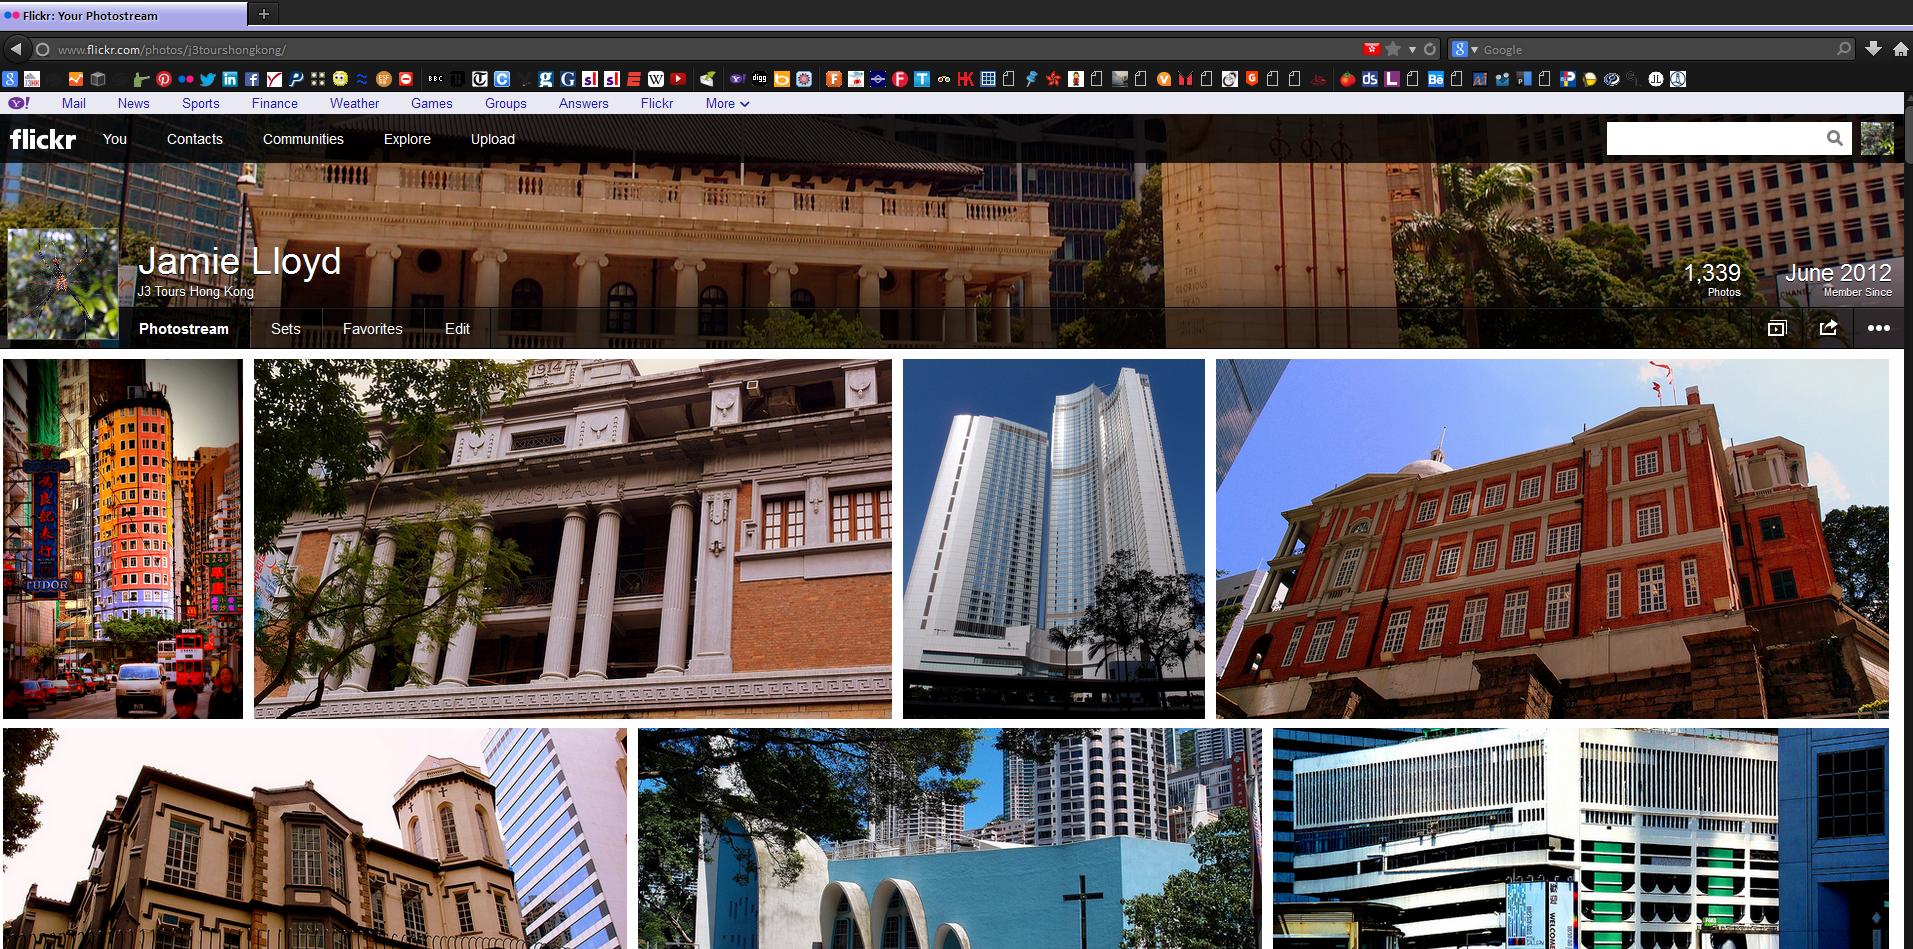 remember Flickr?